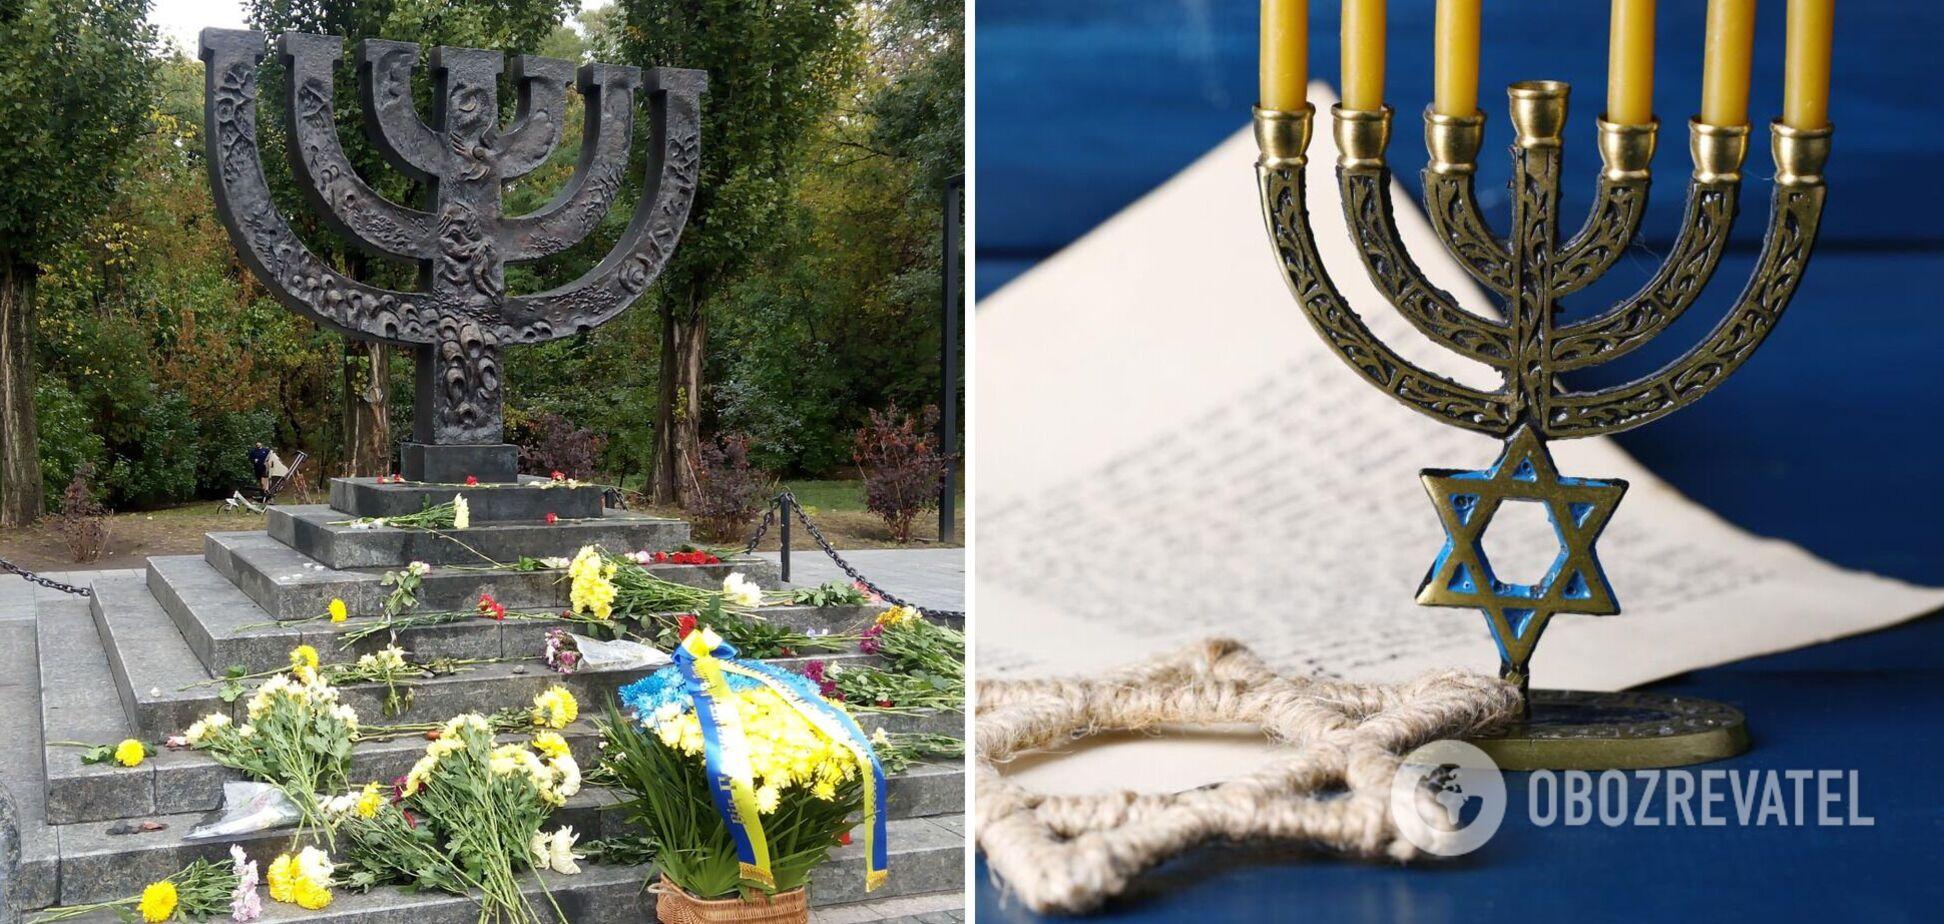 Єврейська конфедерація та меморіал 'Бабин Яр' видадуть книгу про українців, які рятували євреїв від нацистів